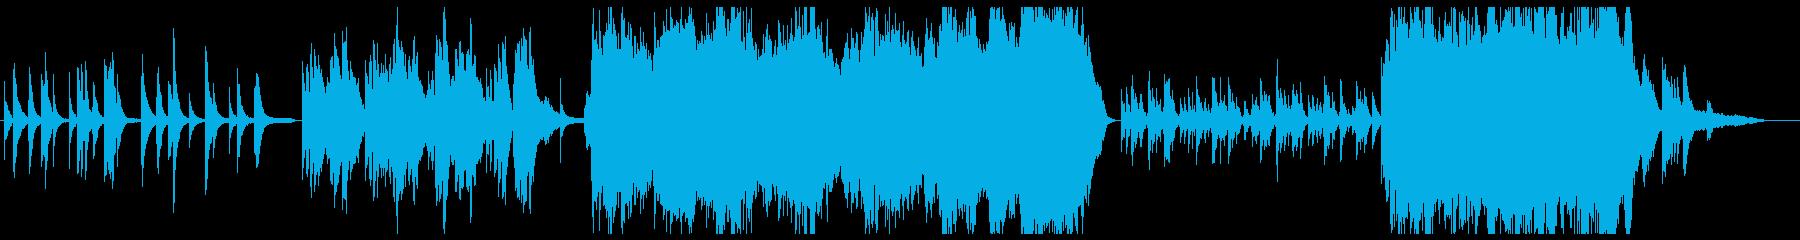 弦四重奏とピアノの感動系曲の再生済みの波形